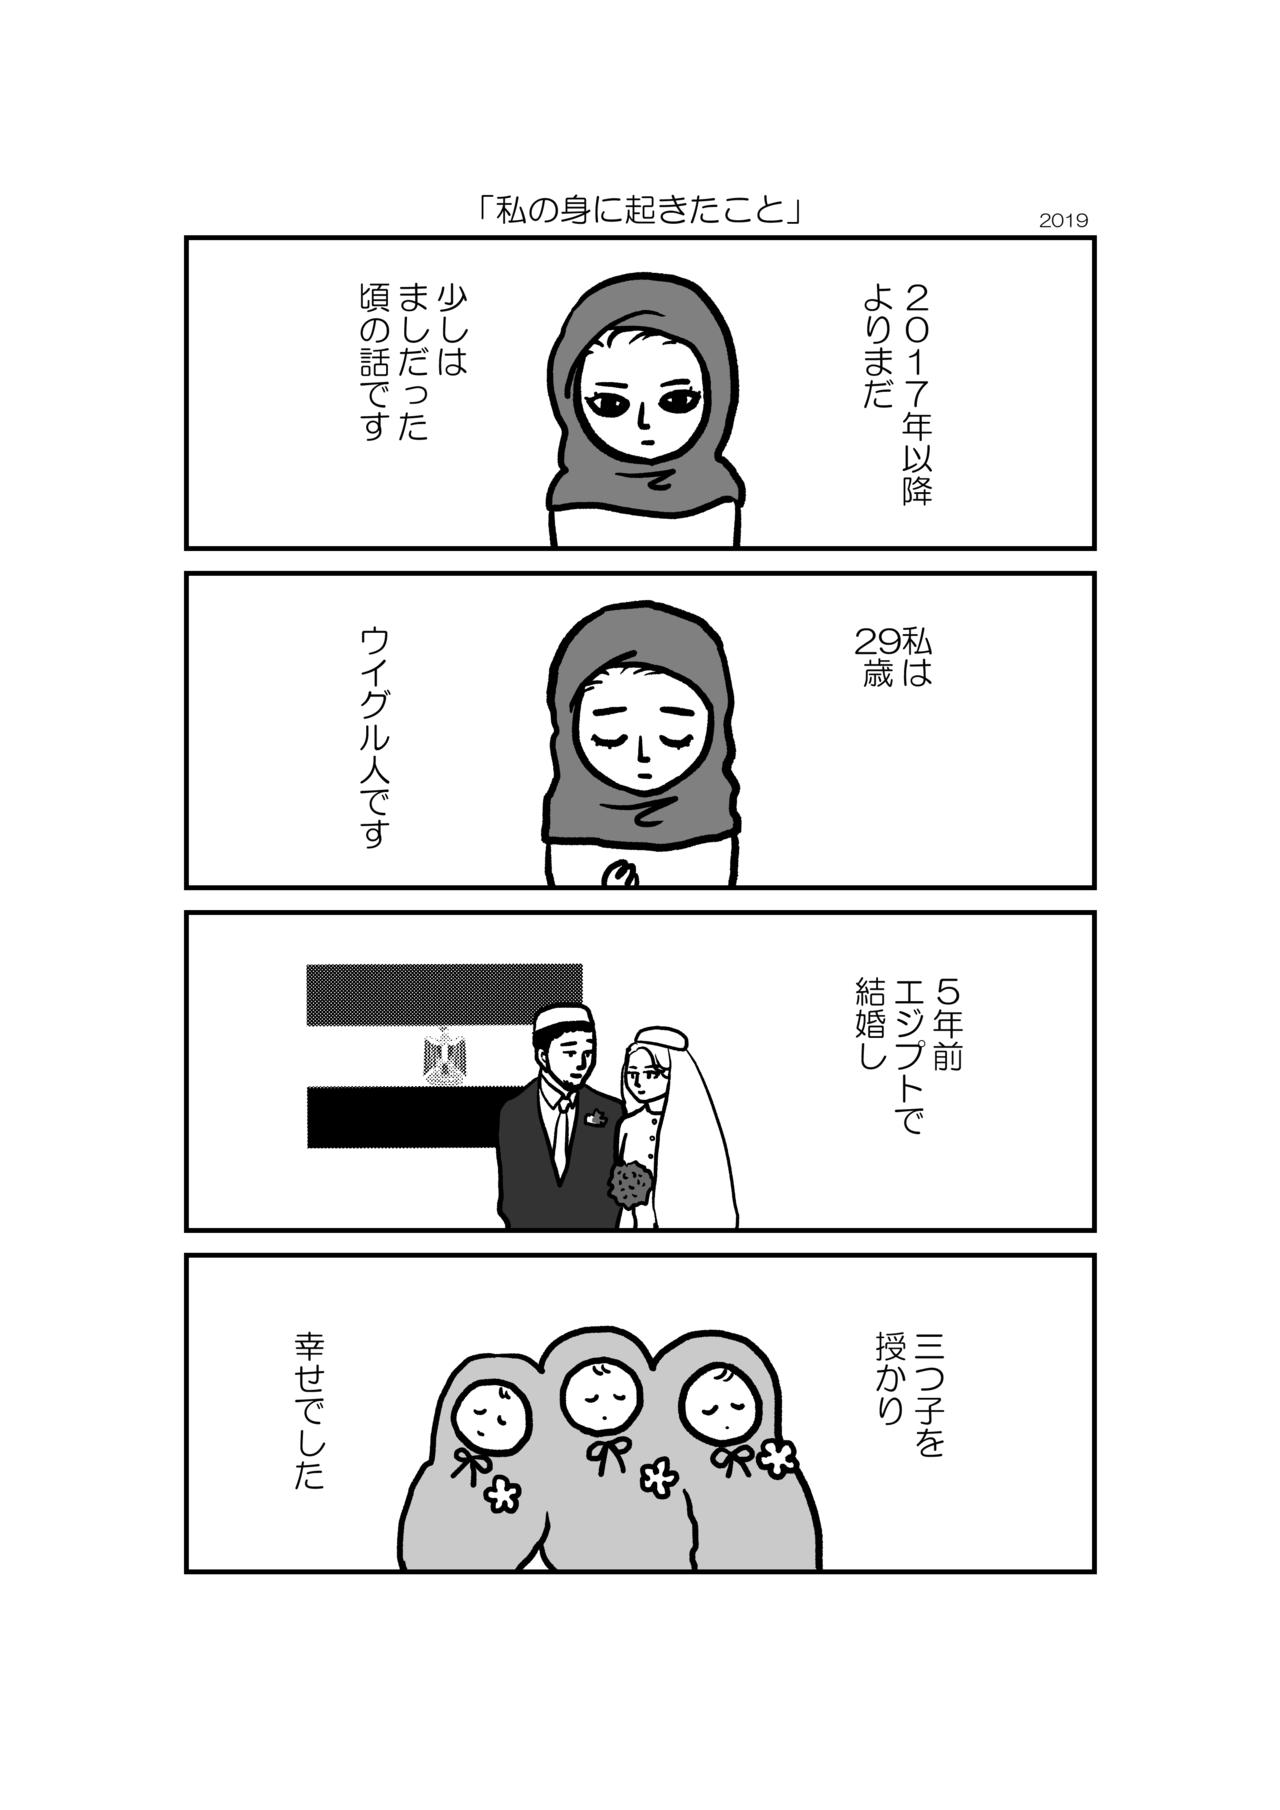 ウイグル人の人権問題を扱った清水ともみさんの漫画「私の身に起きたこと」のページ。四つのコマがあり、中国当局によって拘束された当時29歳のウイグル人女性が登場。最初のコマで「2017年以降よりまだ 少しはましだった頃の話です」と語りはじめ、「私は29歳 ウイグル人です」「5年前エジプトで結婚し」「三つ子を授かり幸せでした」と続く。